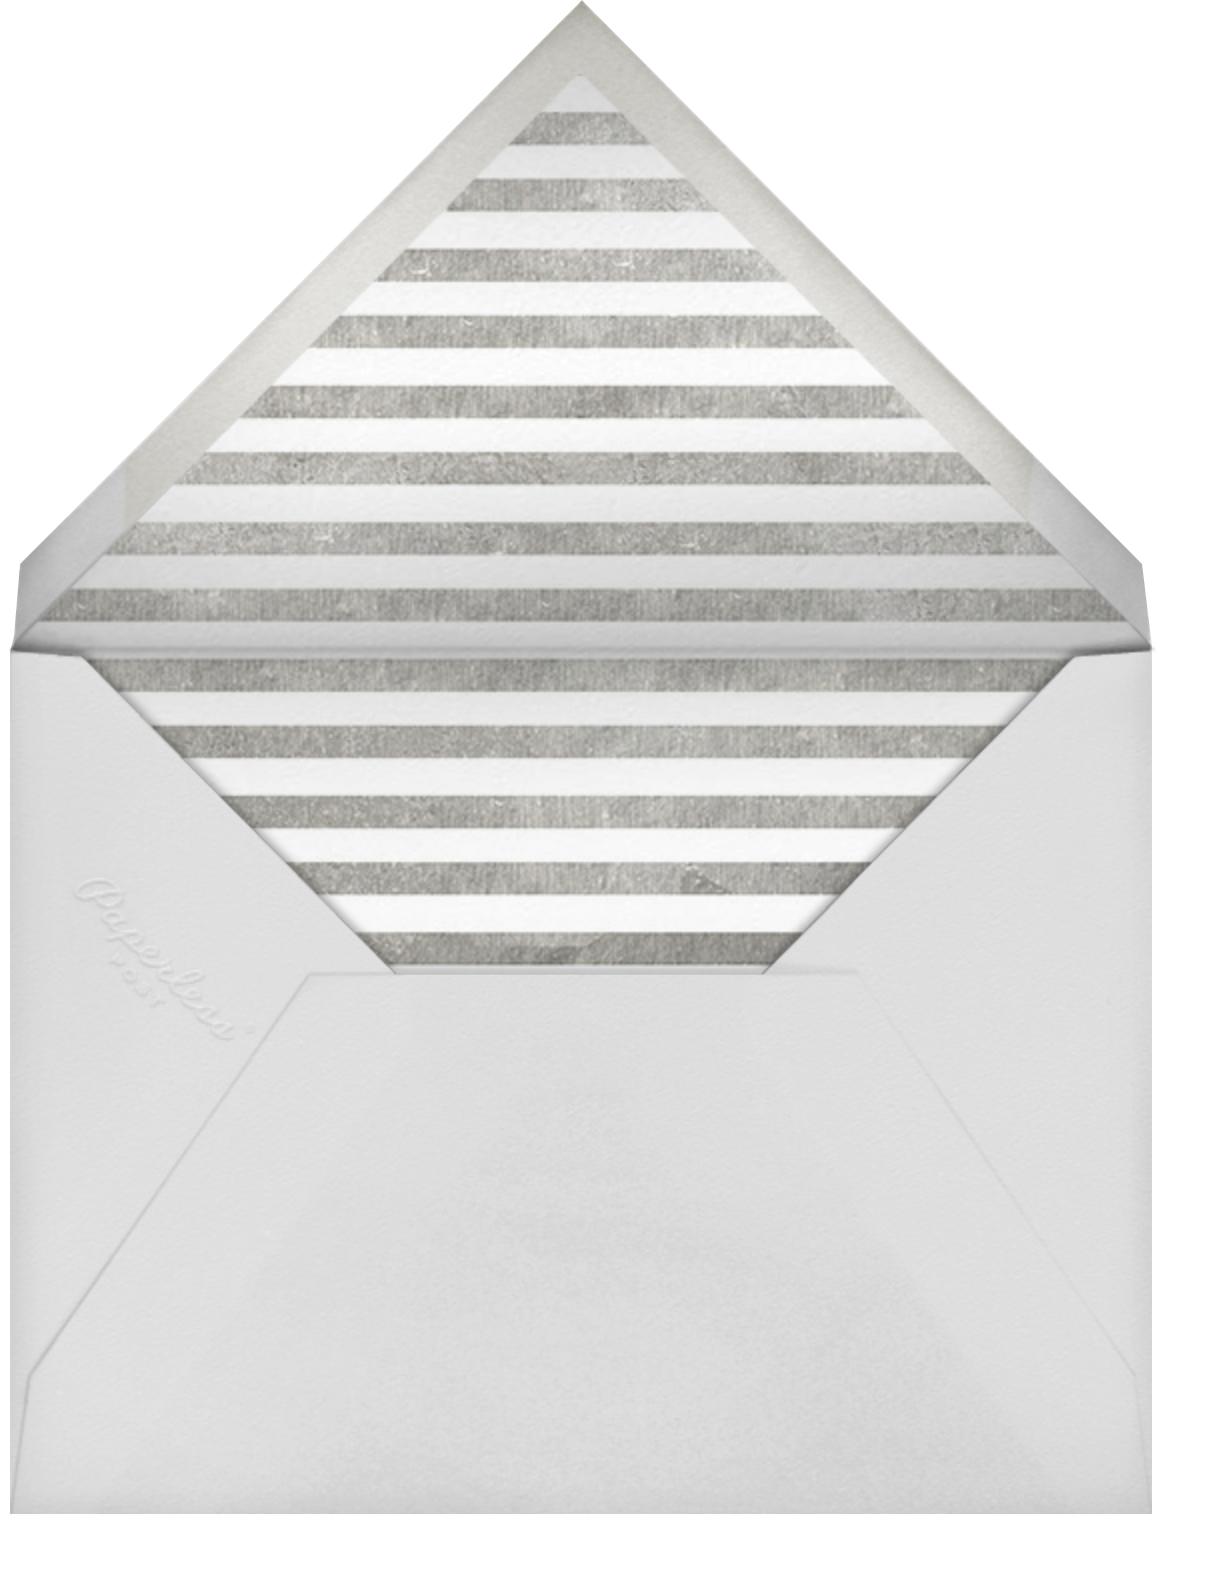 Truitt - Silver - Paperless Post - Photo  - envelope back